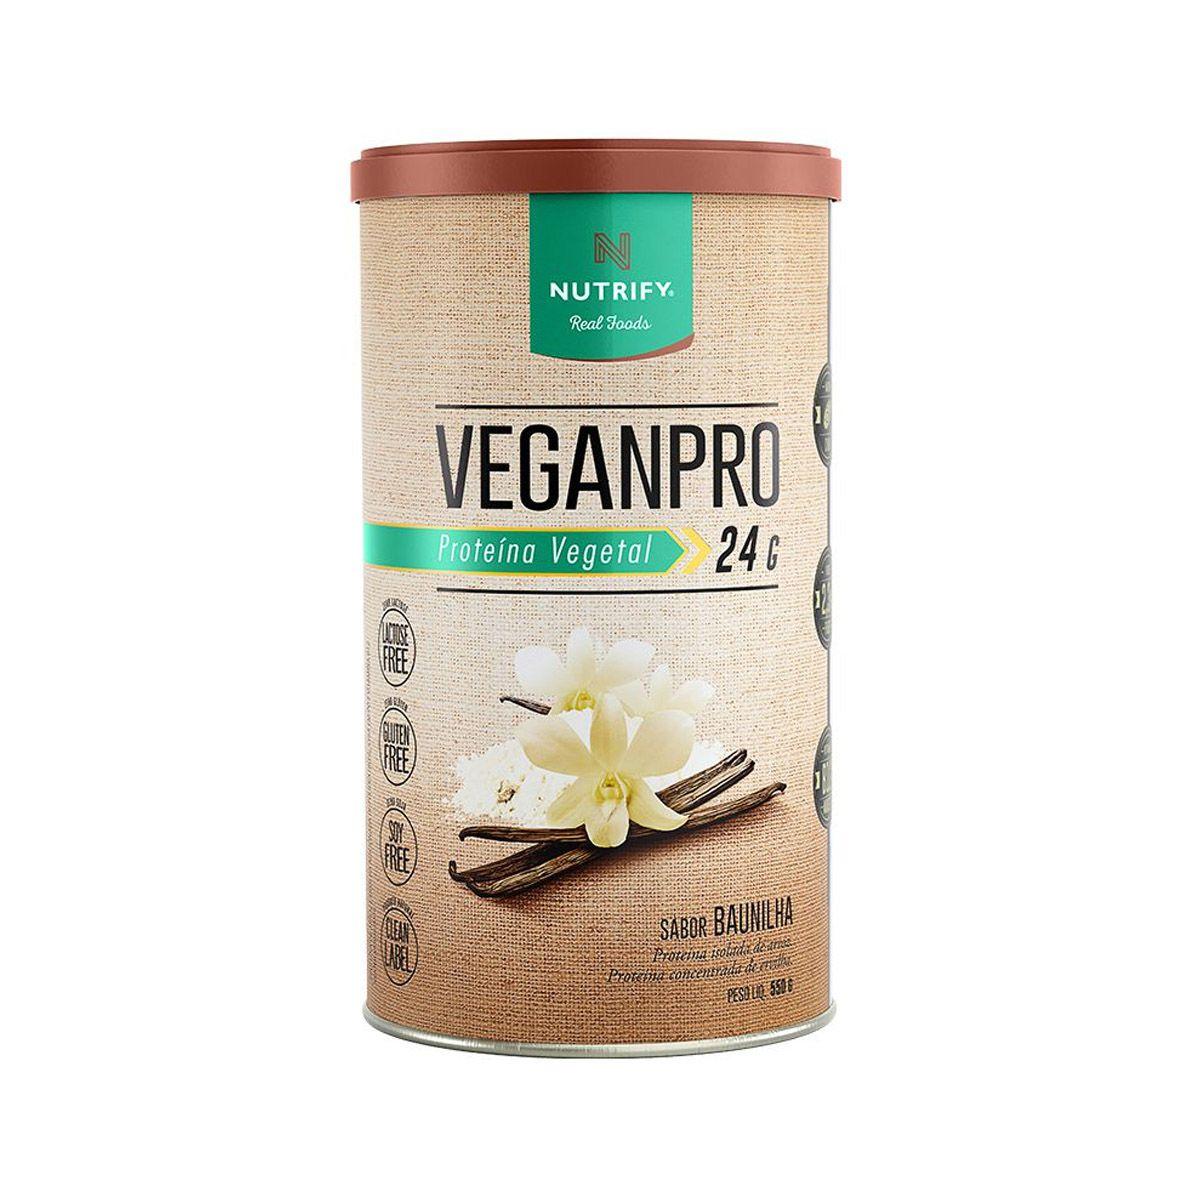 Vegan Pro - 200g - Nutrify